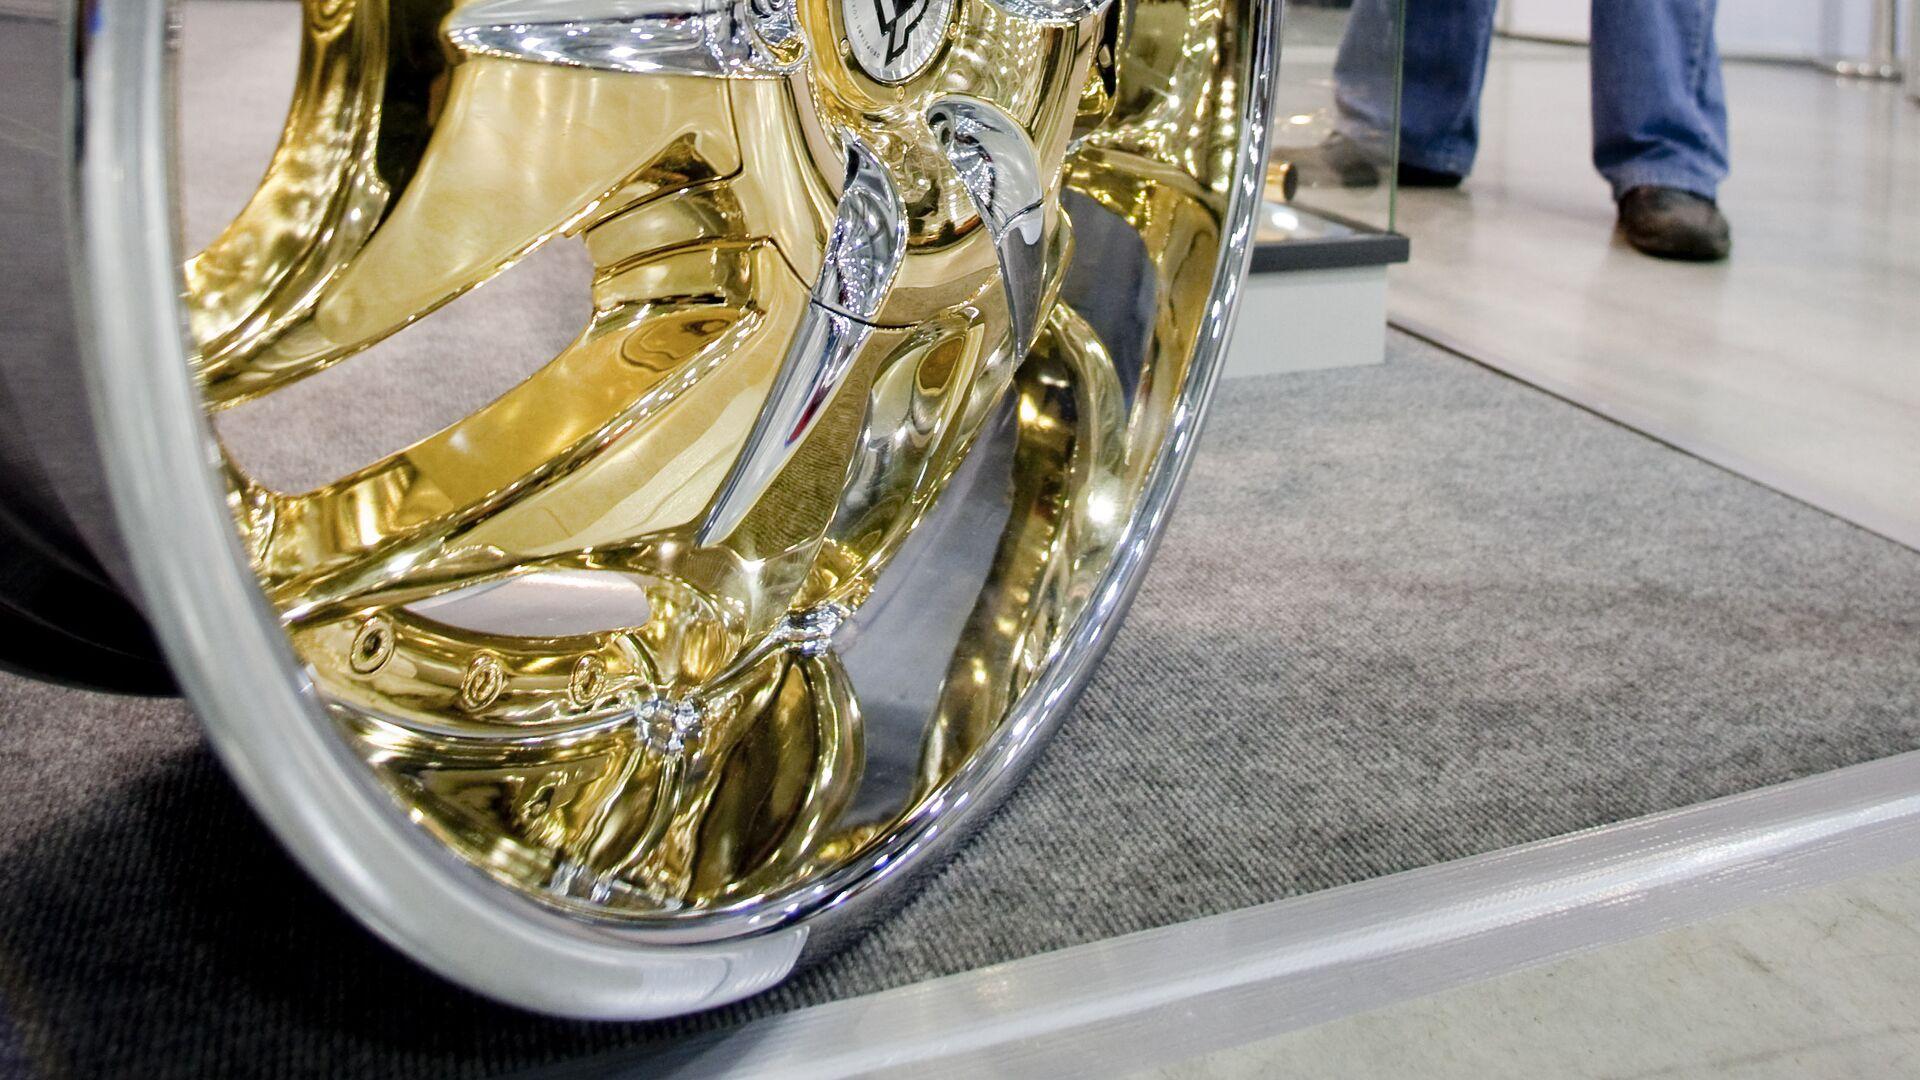 Международная специализированная выставка автомобилей и тюнинга класса «Премиум» MOSCOW DREAMCAR SHOW 2009 - РИА Новости, 1920, 24.09.2021